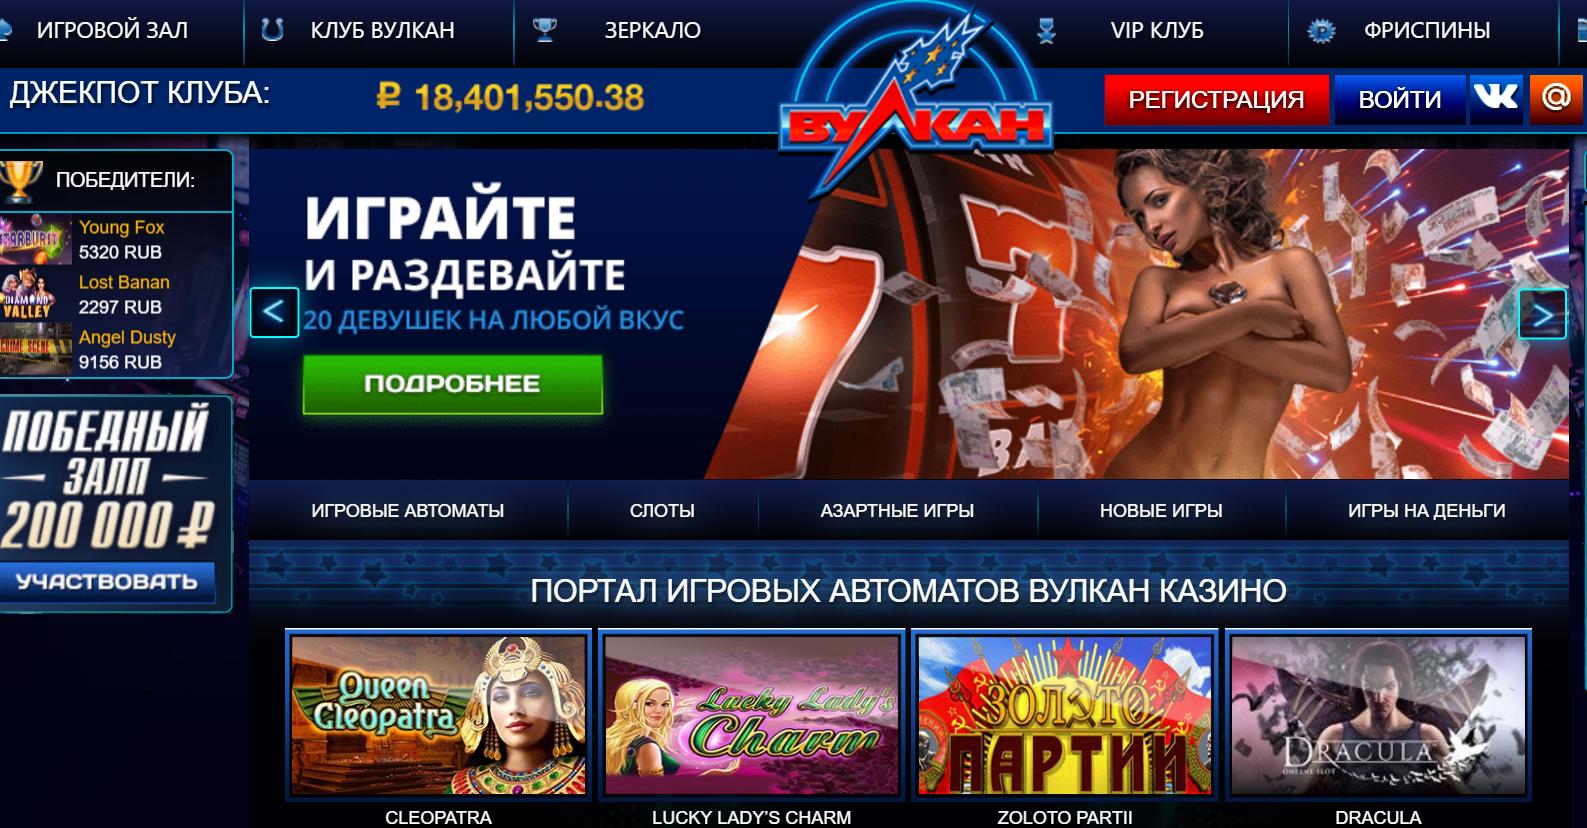 Выигрыши в онлайн казино Вулкан